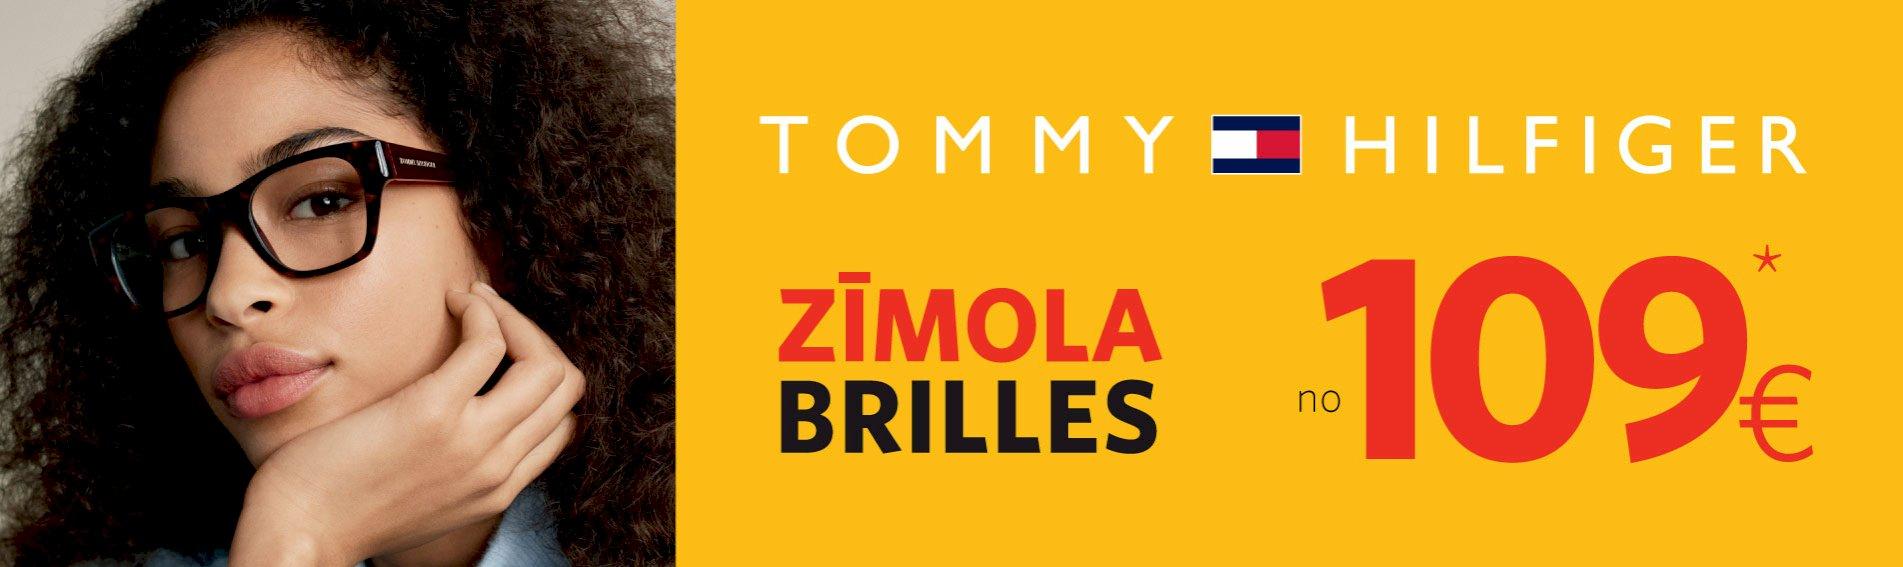 Tommy Hilfiger zīmola brilles